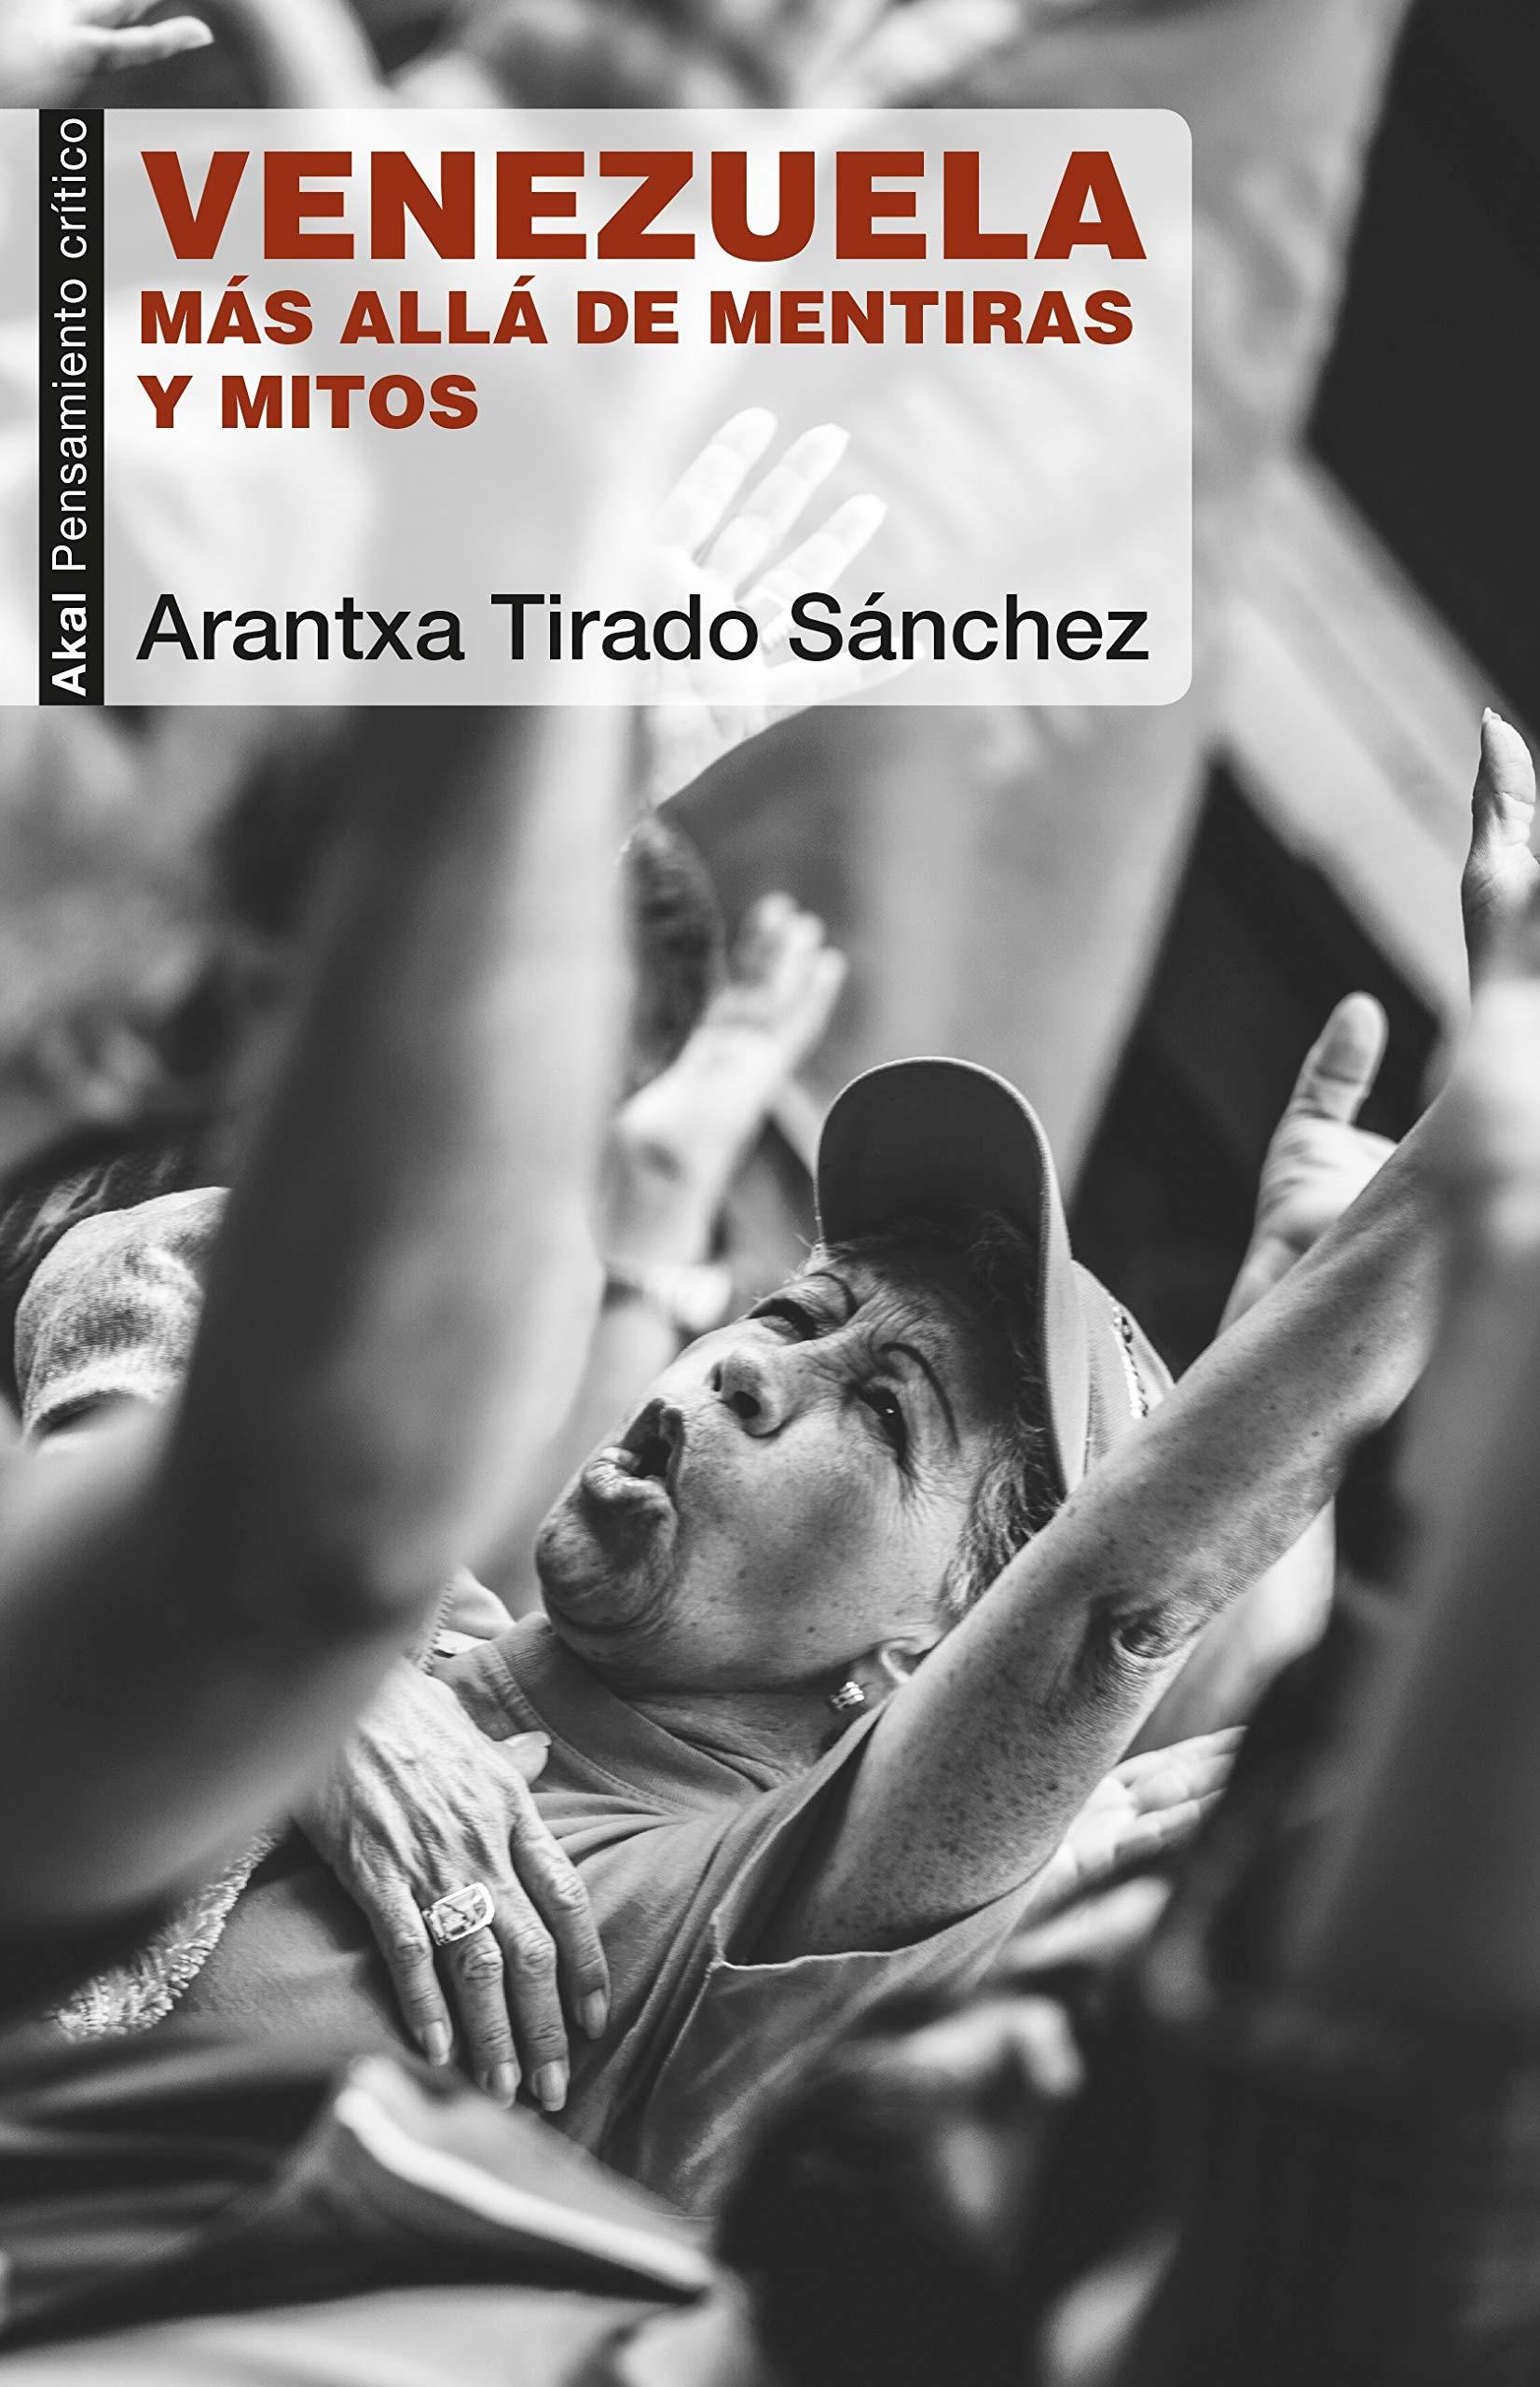 Venezuela. Más allá de mentiras y mitos: 81 Pensamiento crítico: Amazon.es: Tirado Sánchez, Aranzazu: Libros